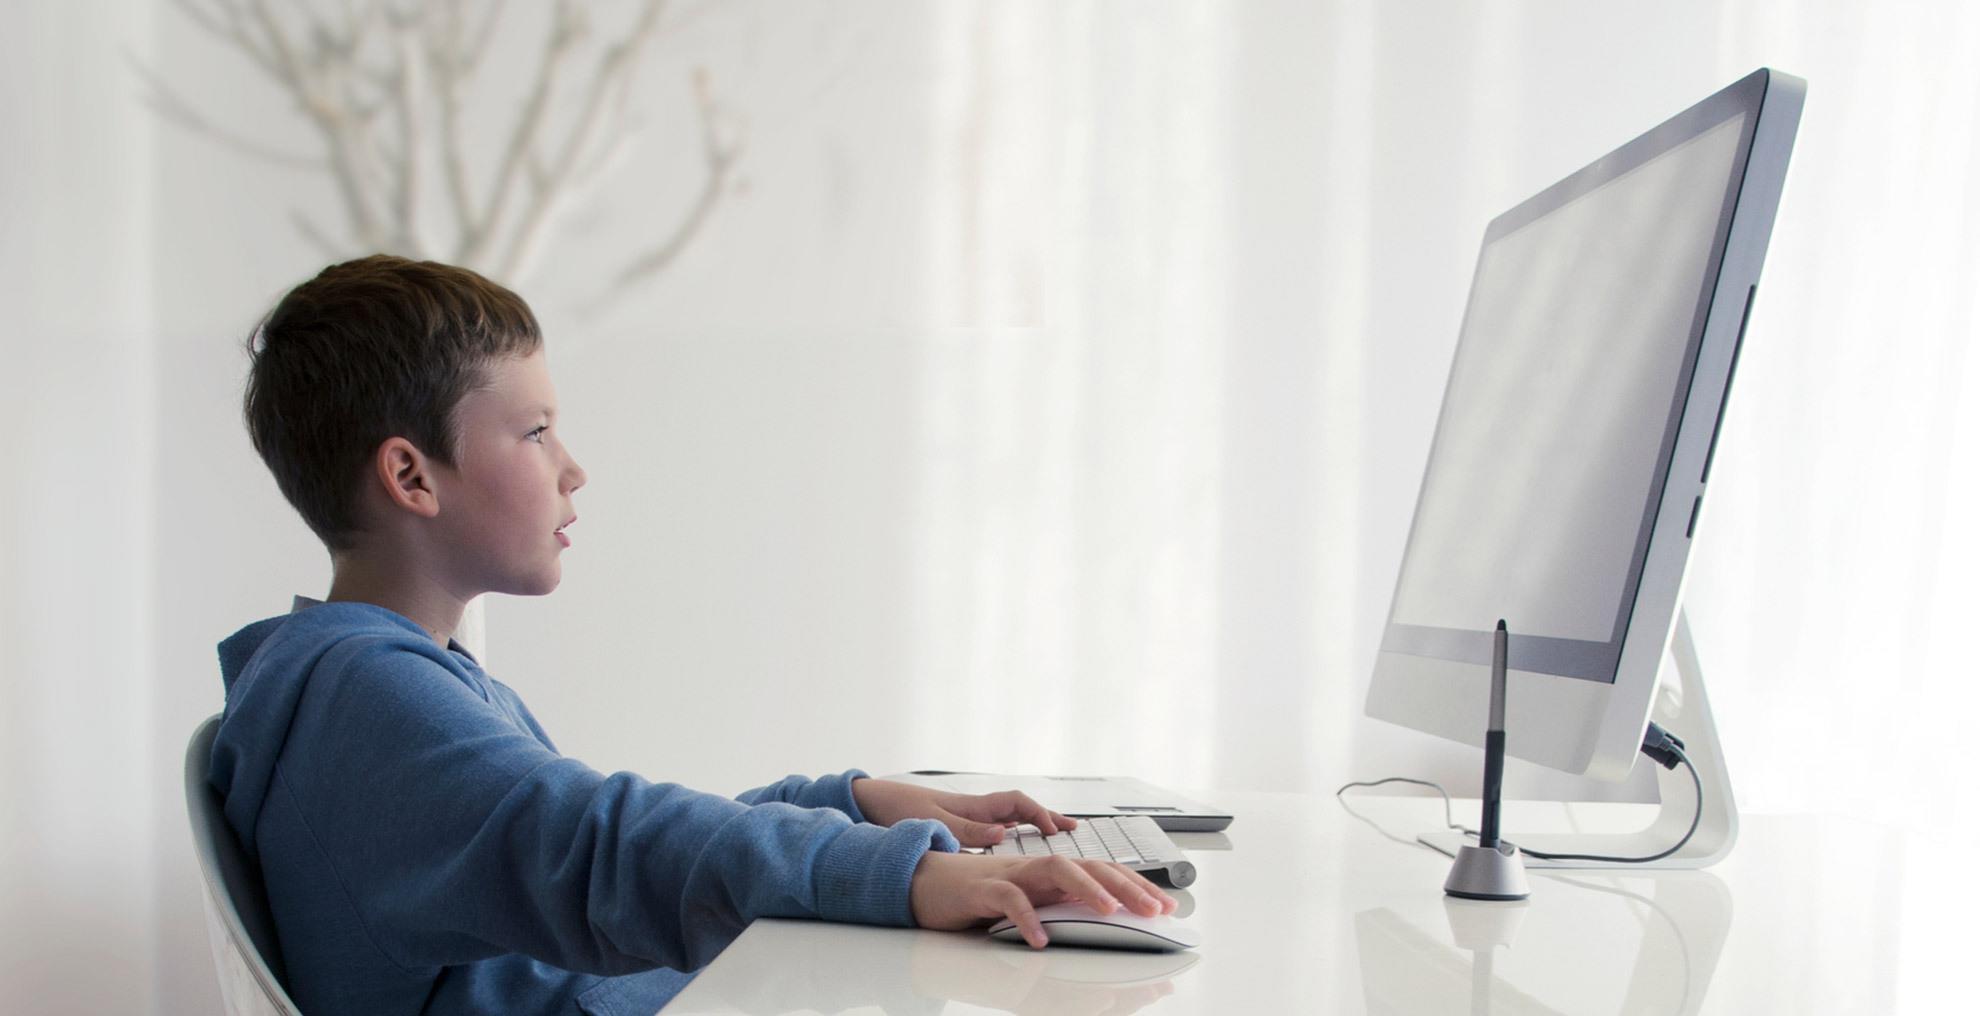 孩子偷玩电脑游戏成绩差,为什么惩罚打骂不管用?先找原因再解决